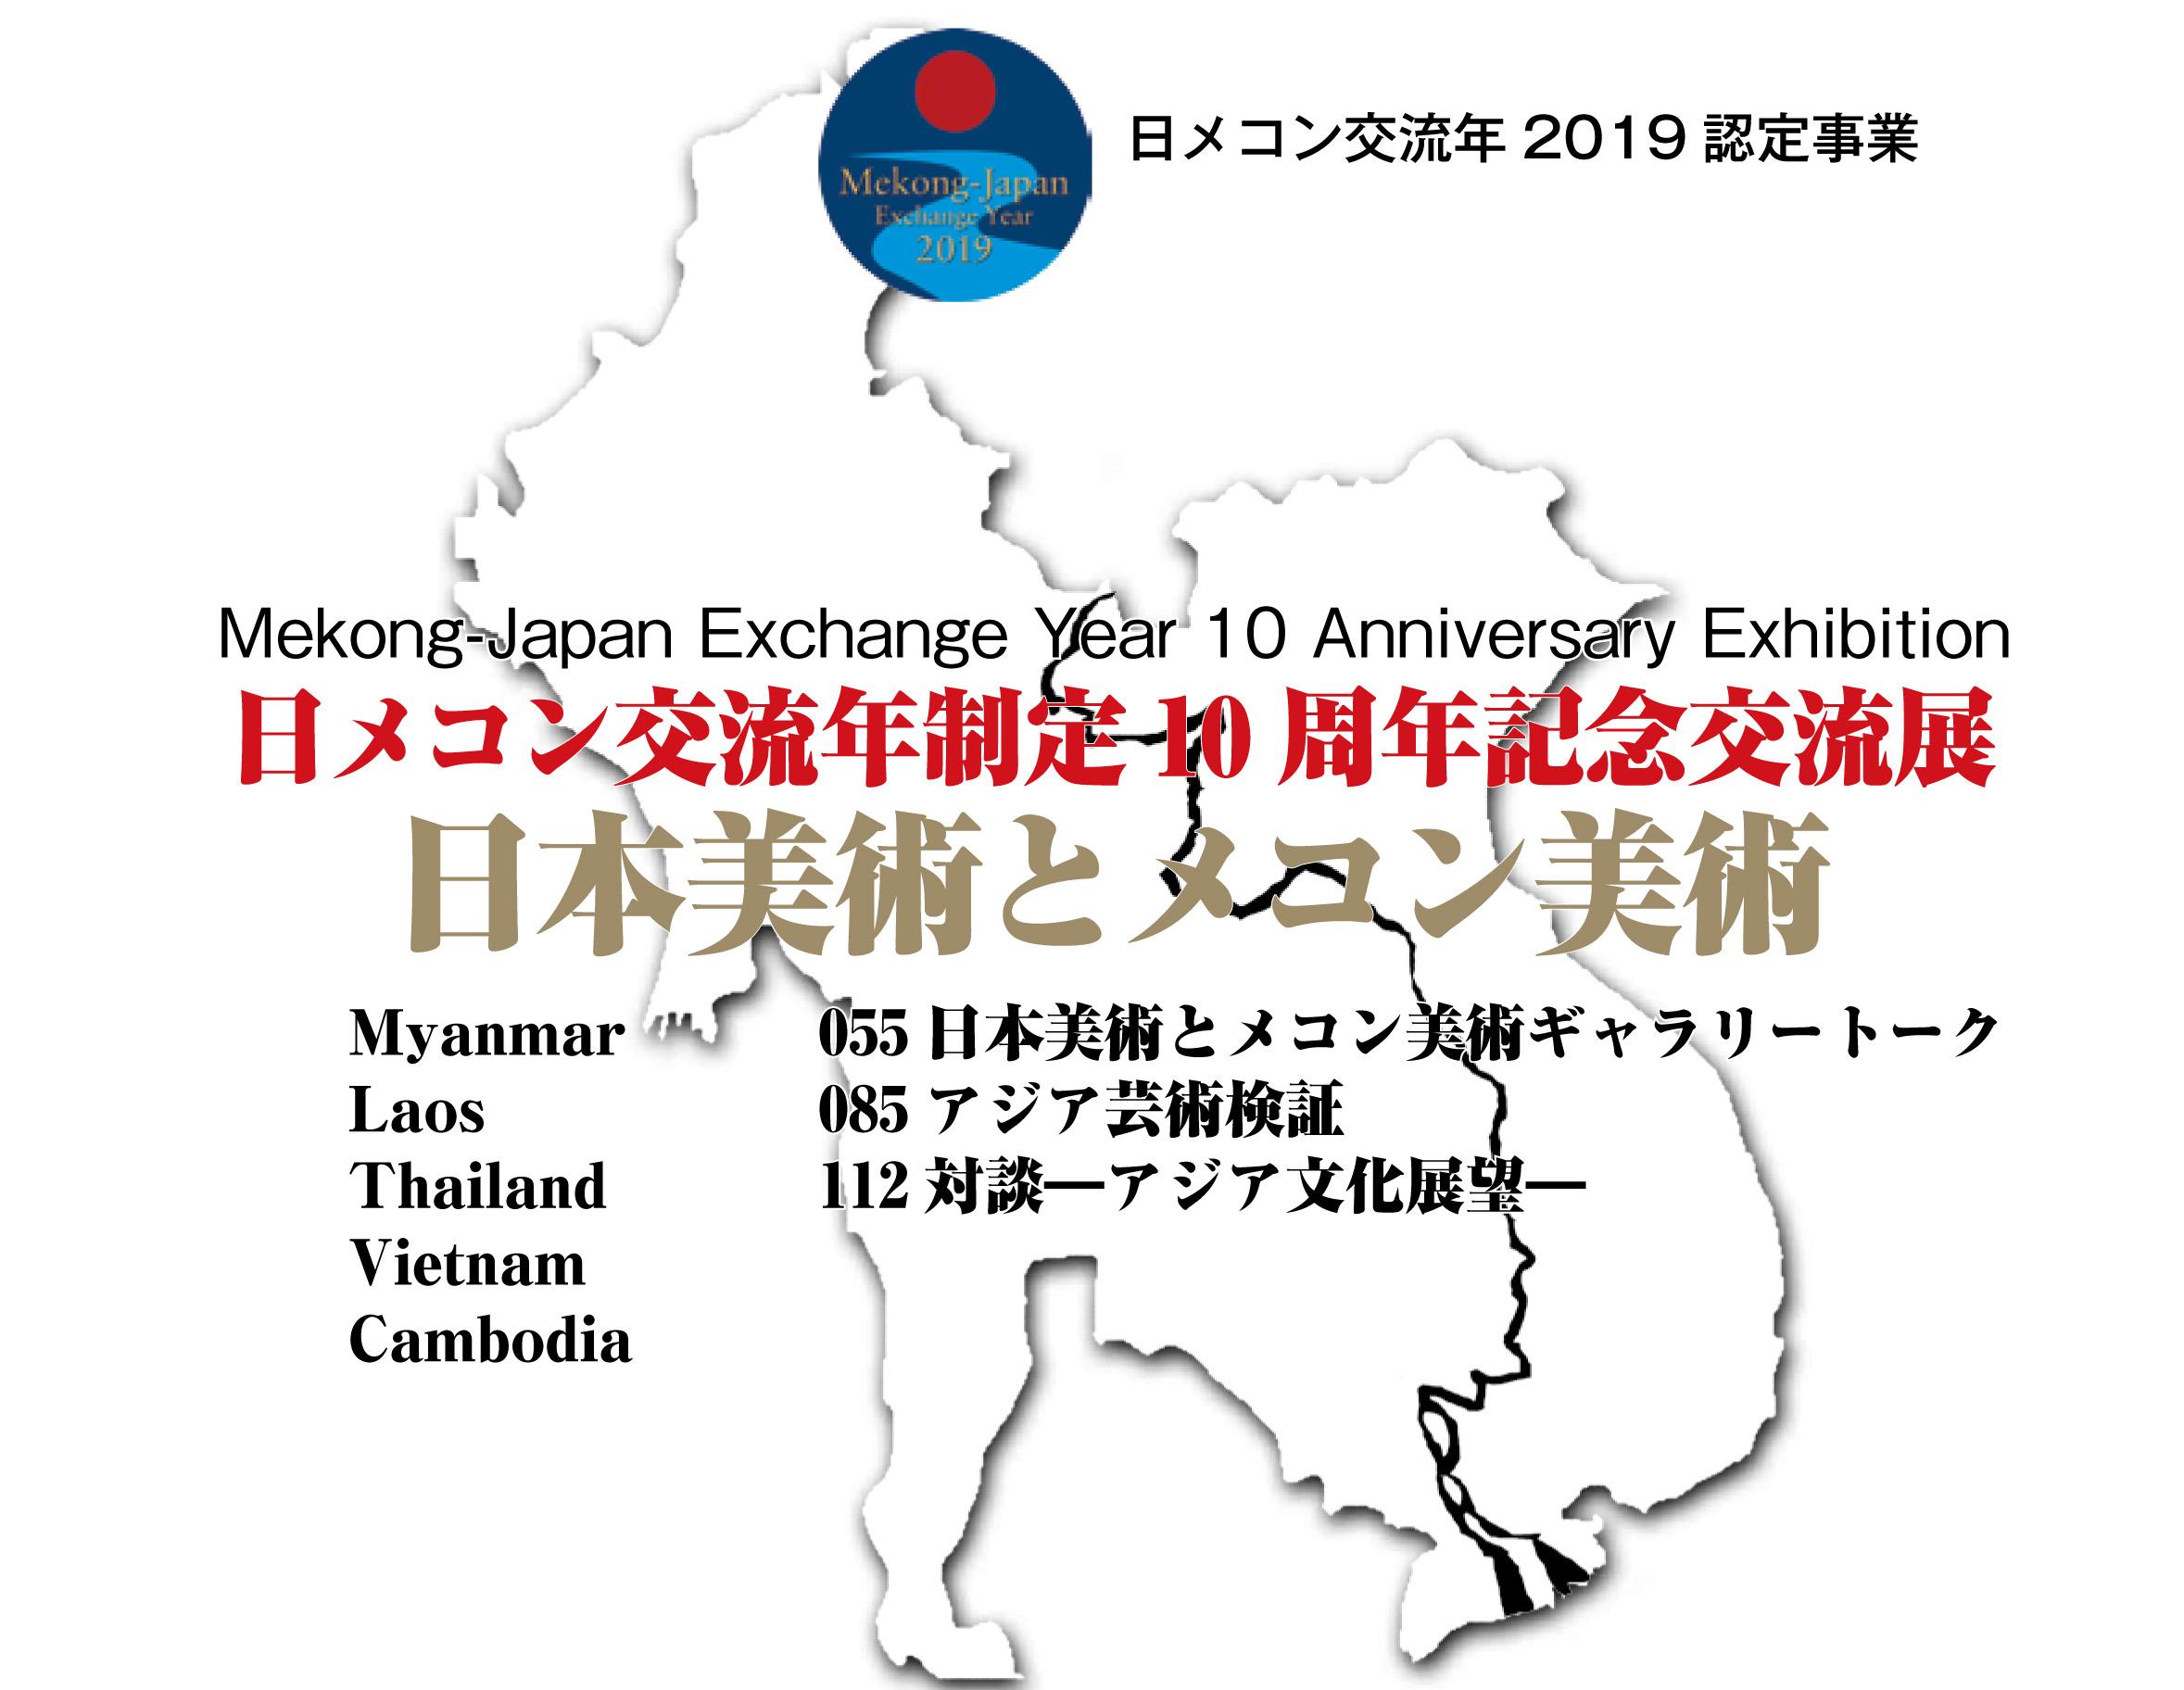 日メコン交流年制定10周年記念交流展「日本美術とメコン美術」開催報告